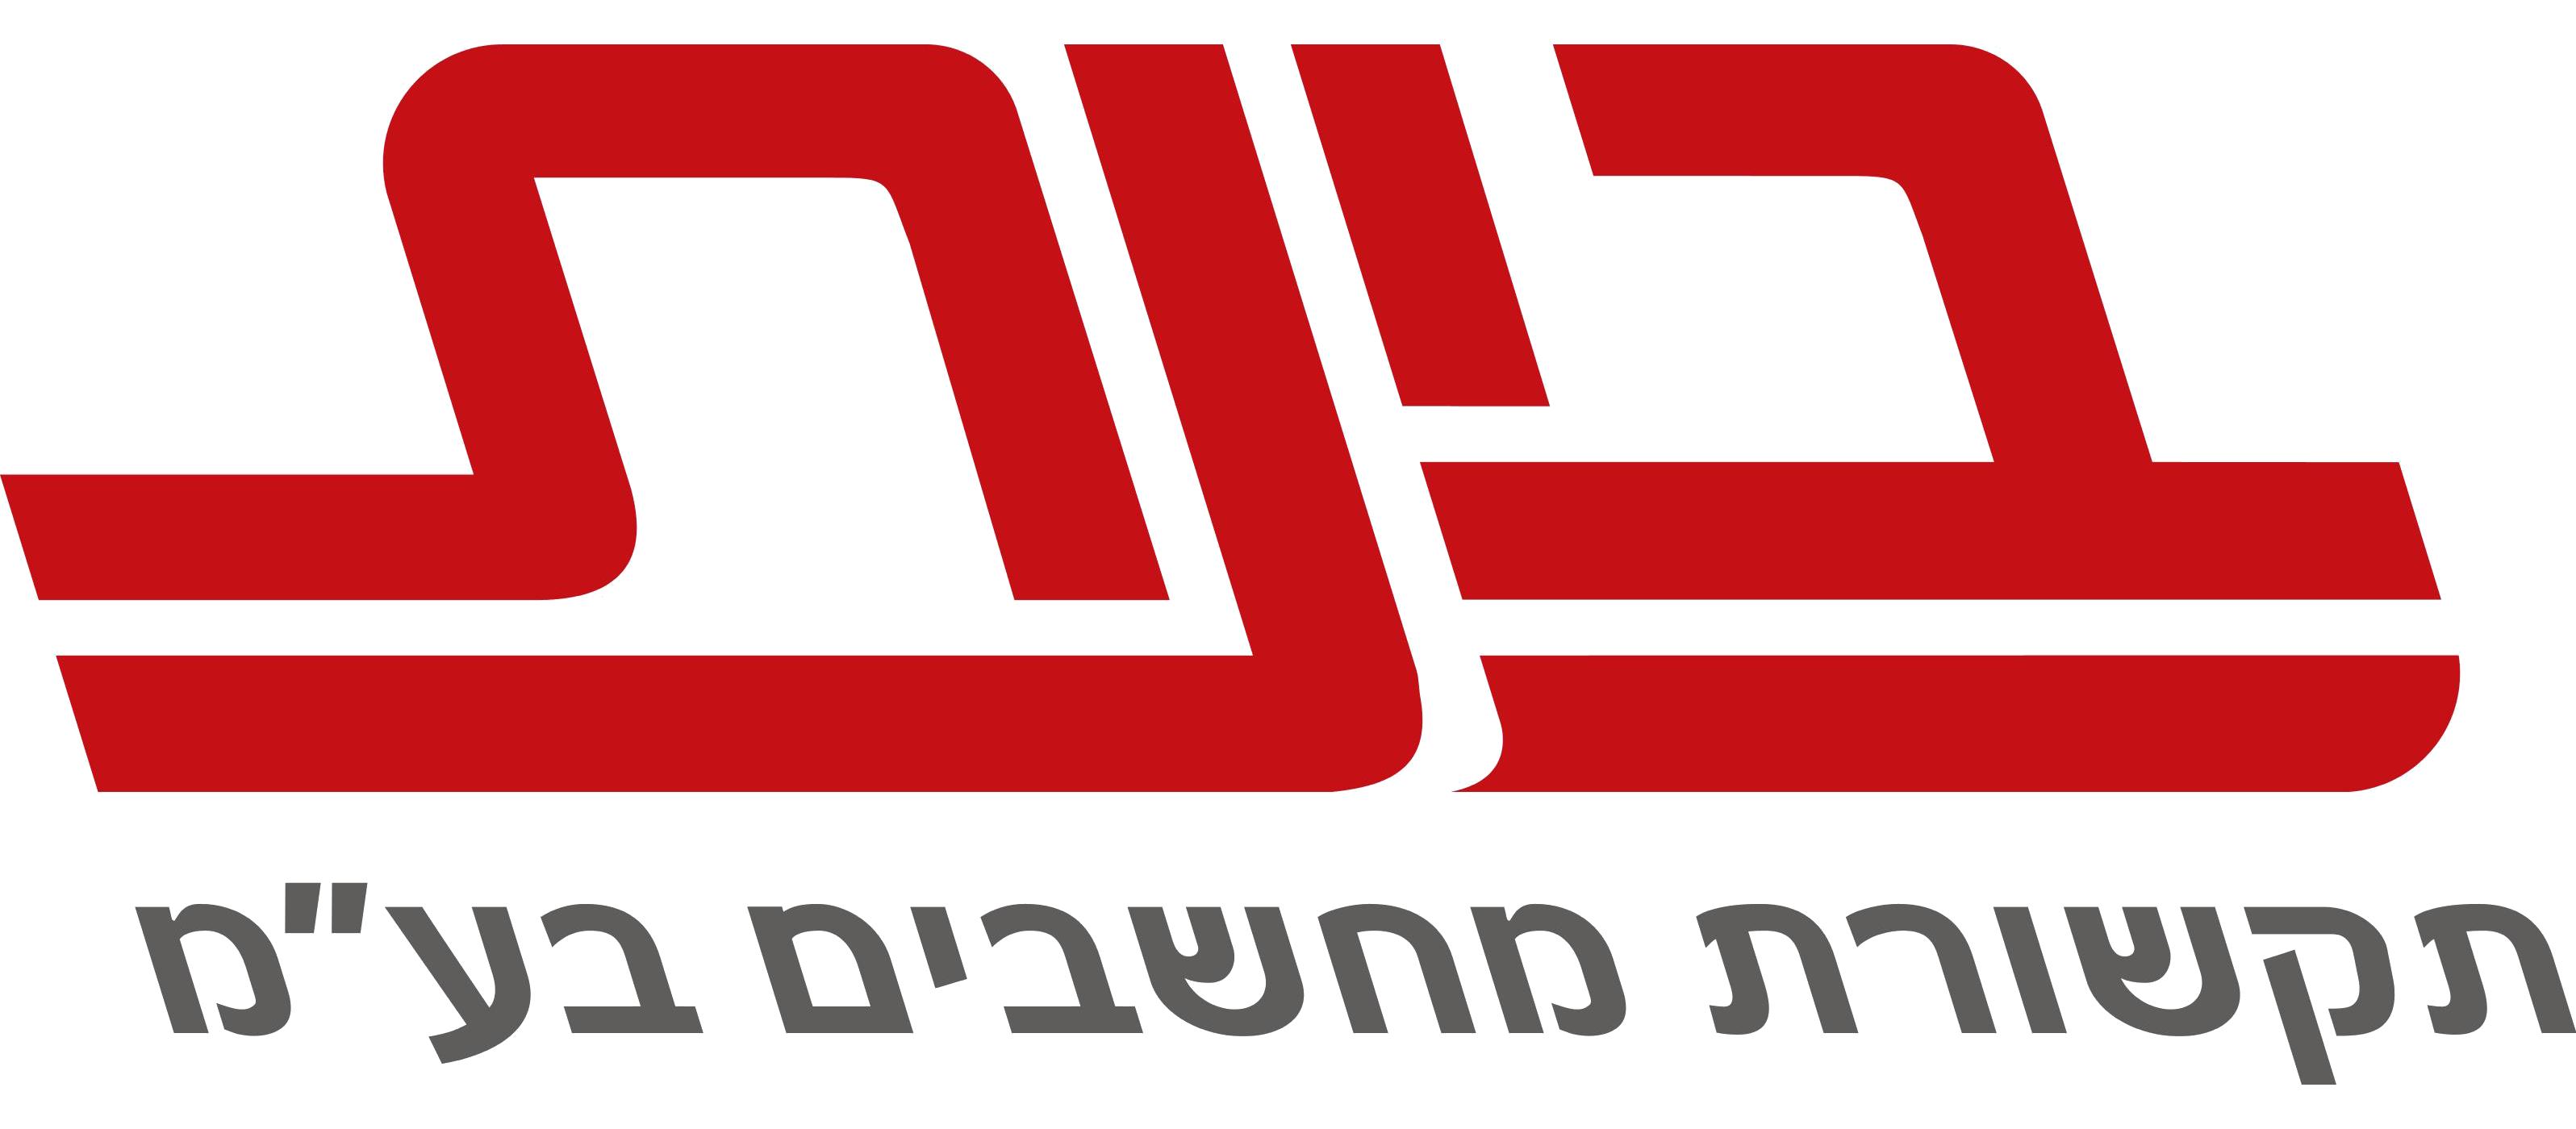 Bynet-Logo-he-L1